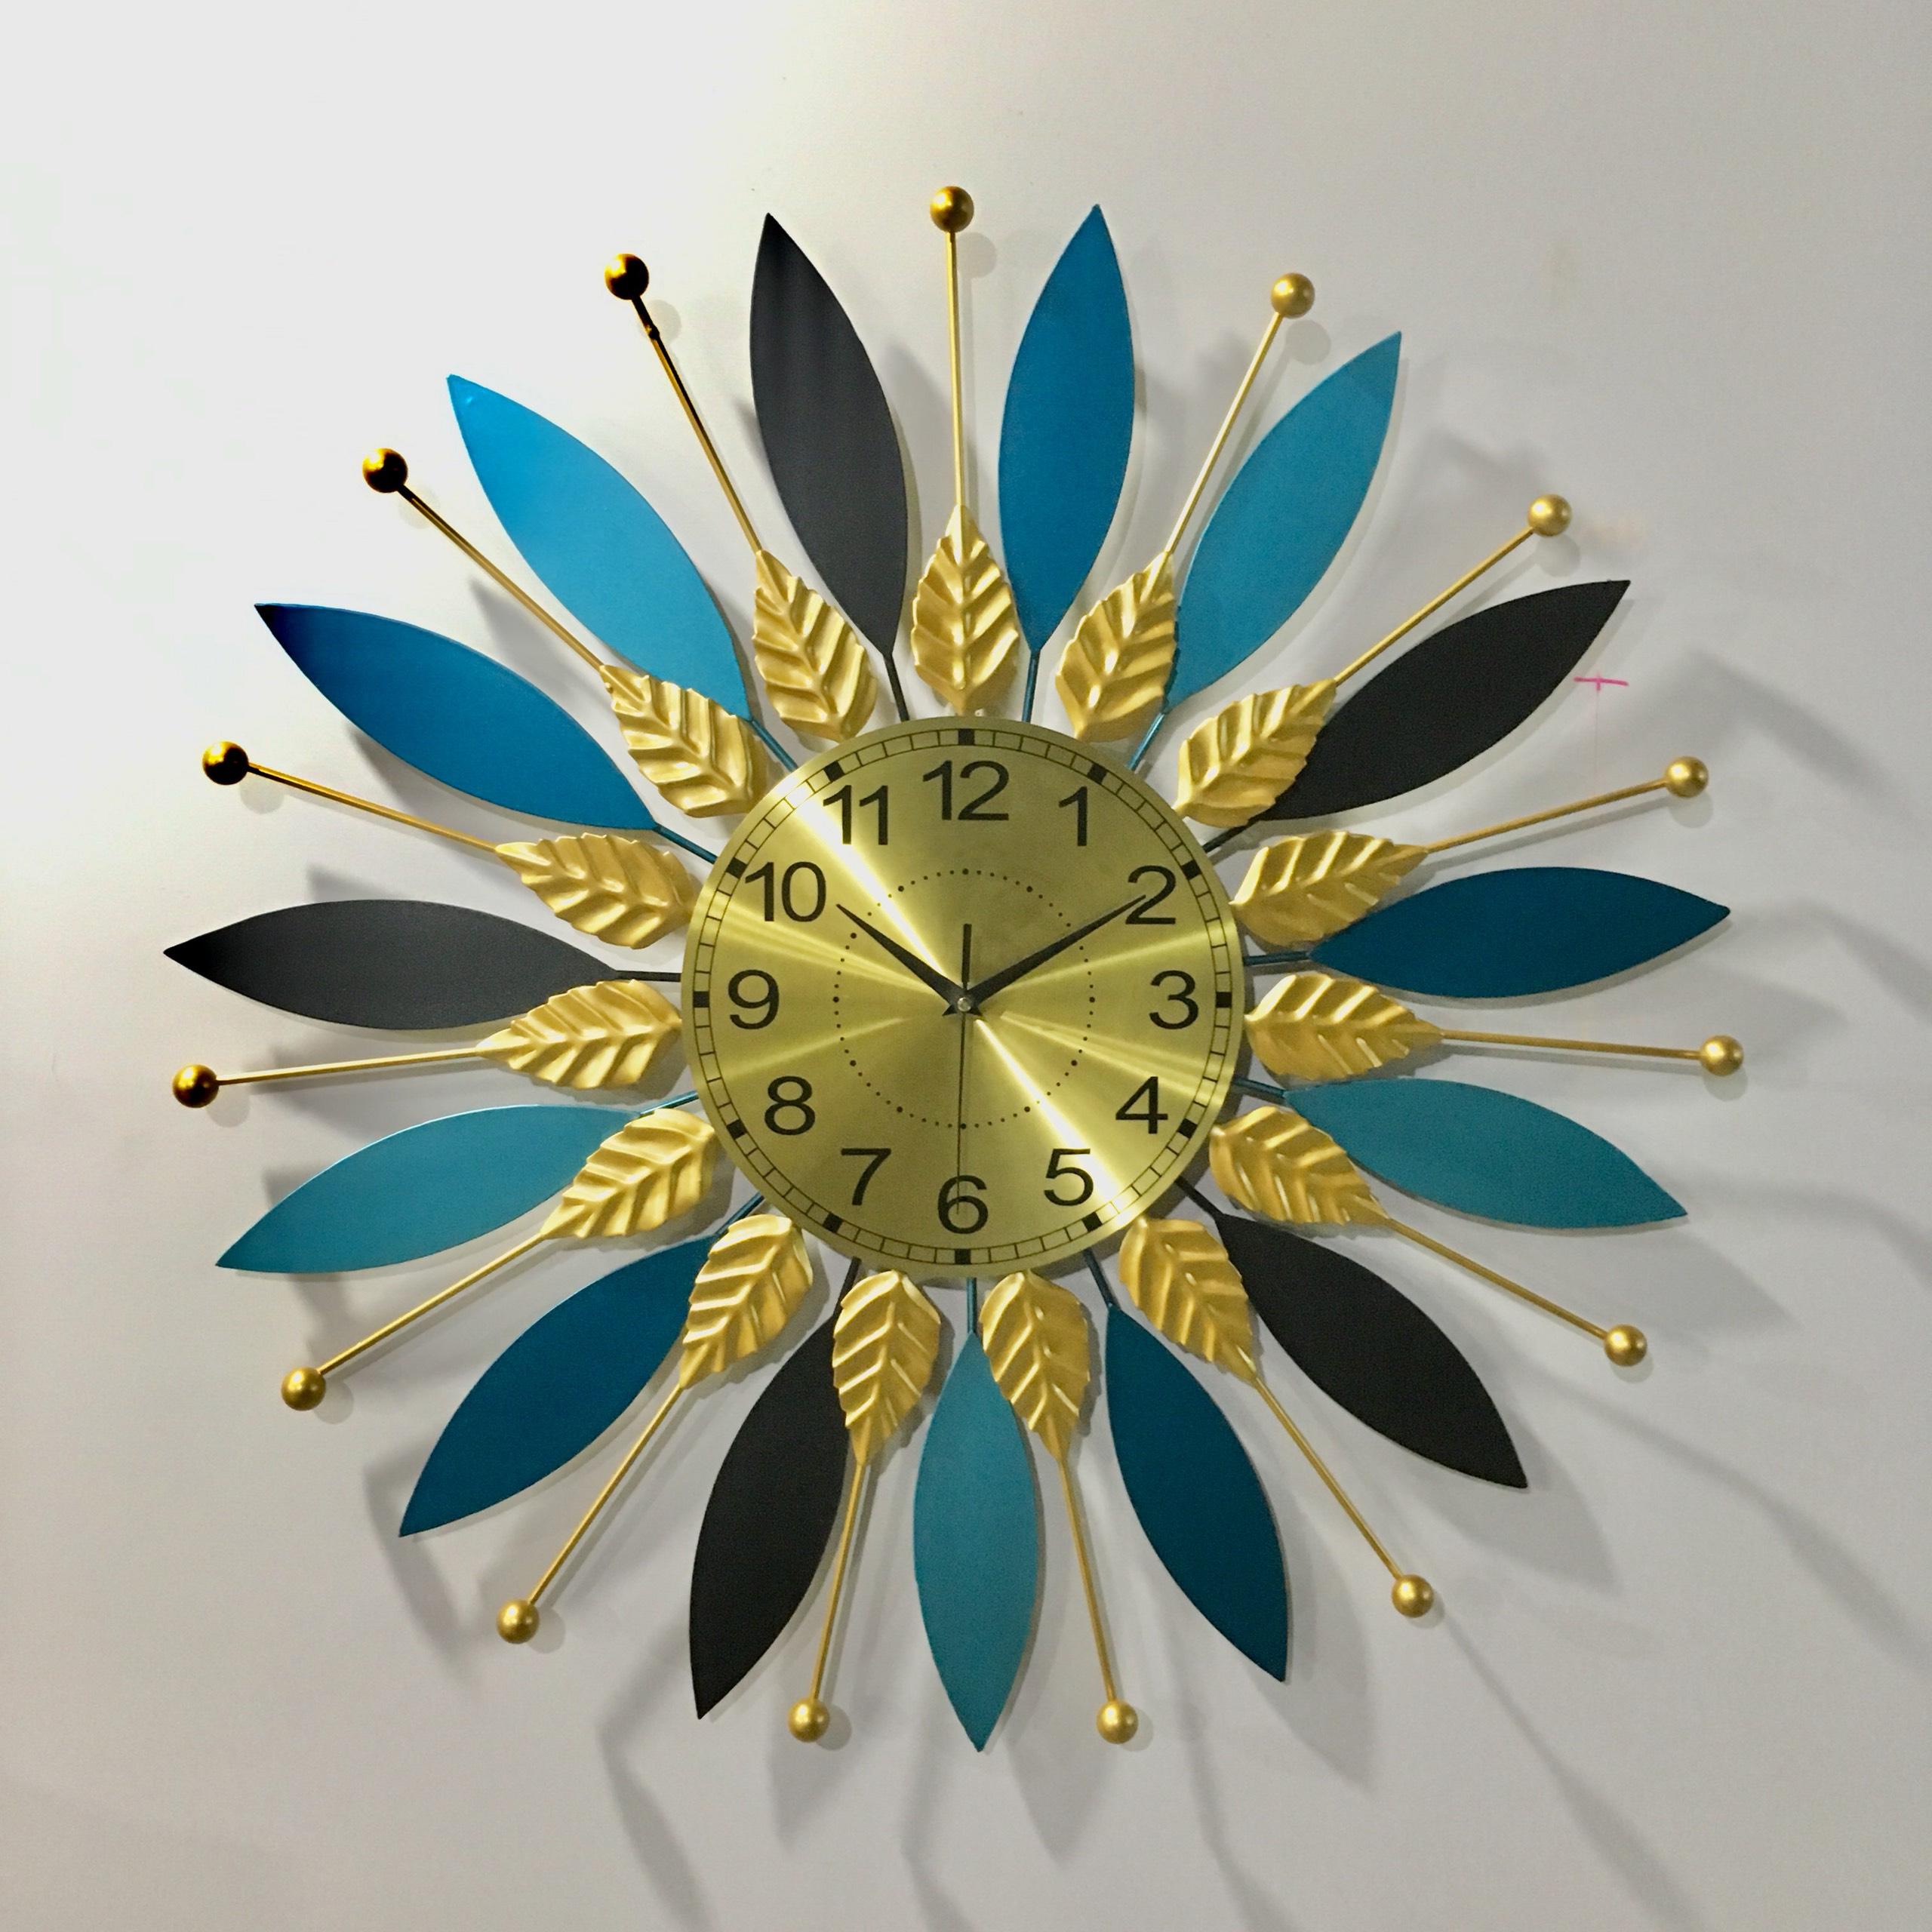 Đồng hồ trang trí nghệ thuật - 2003